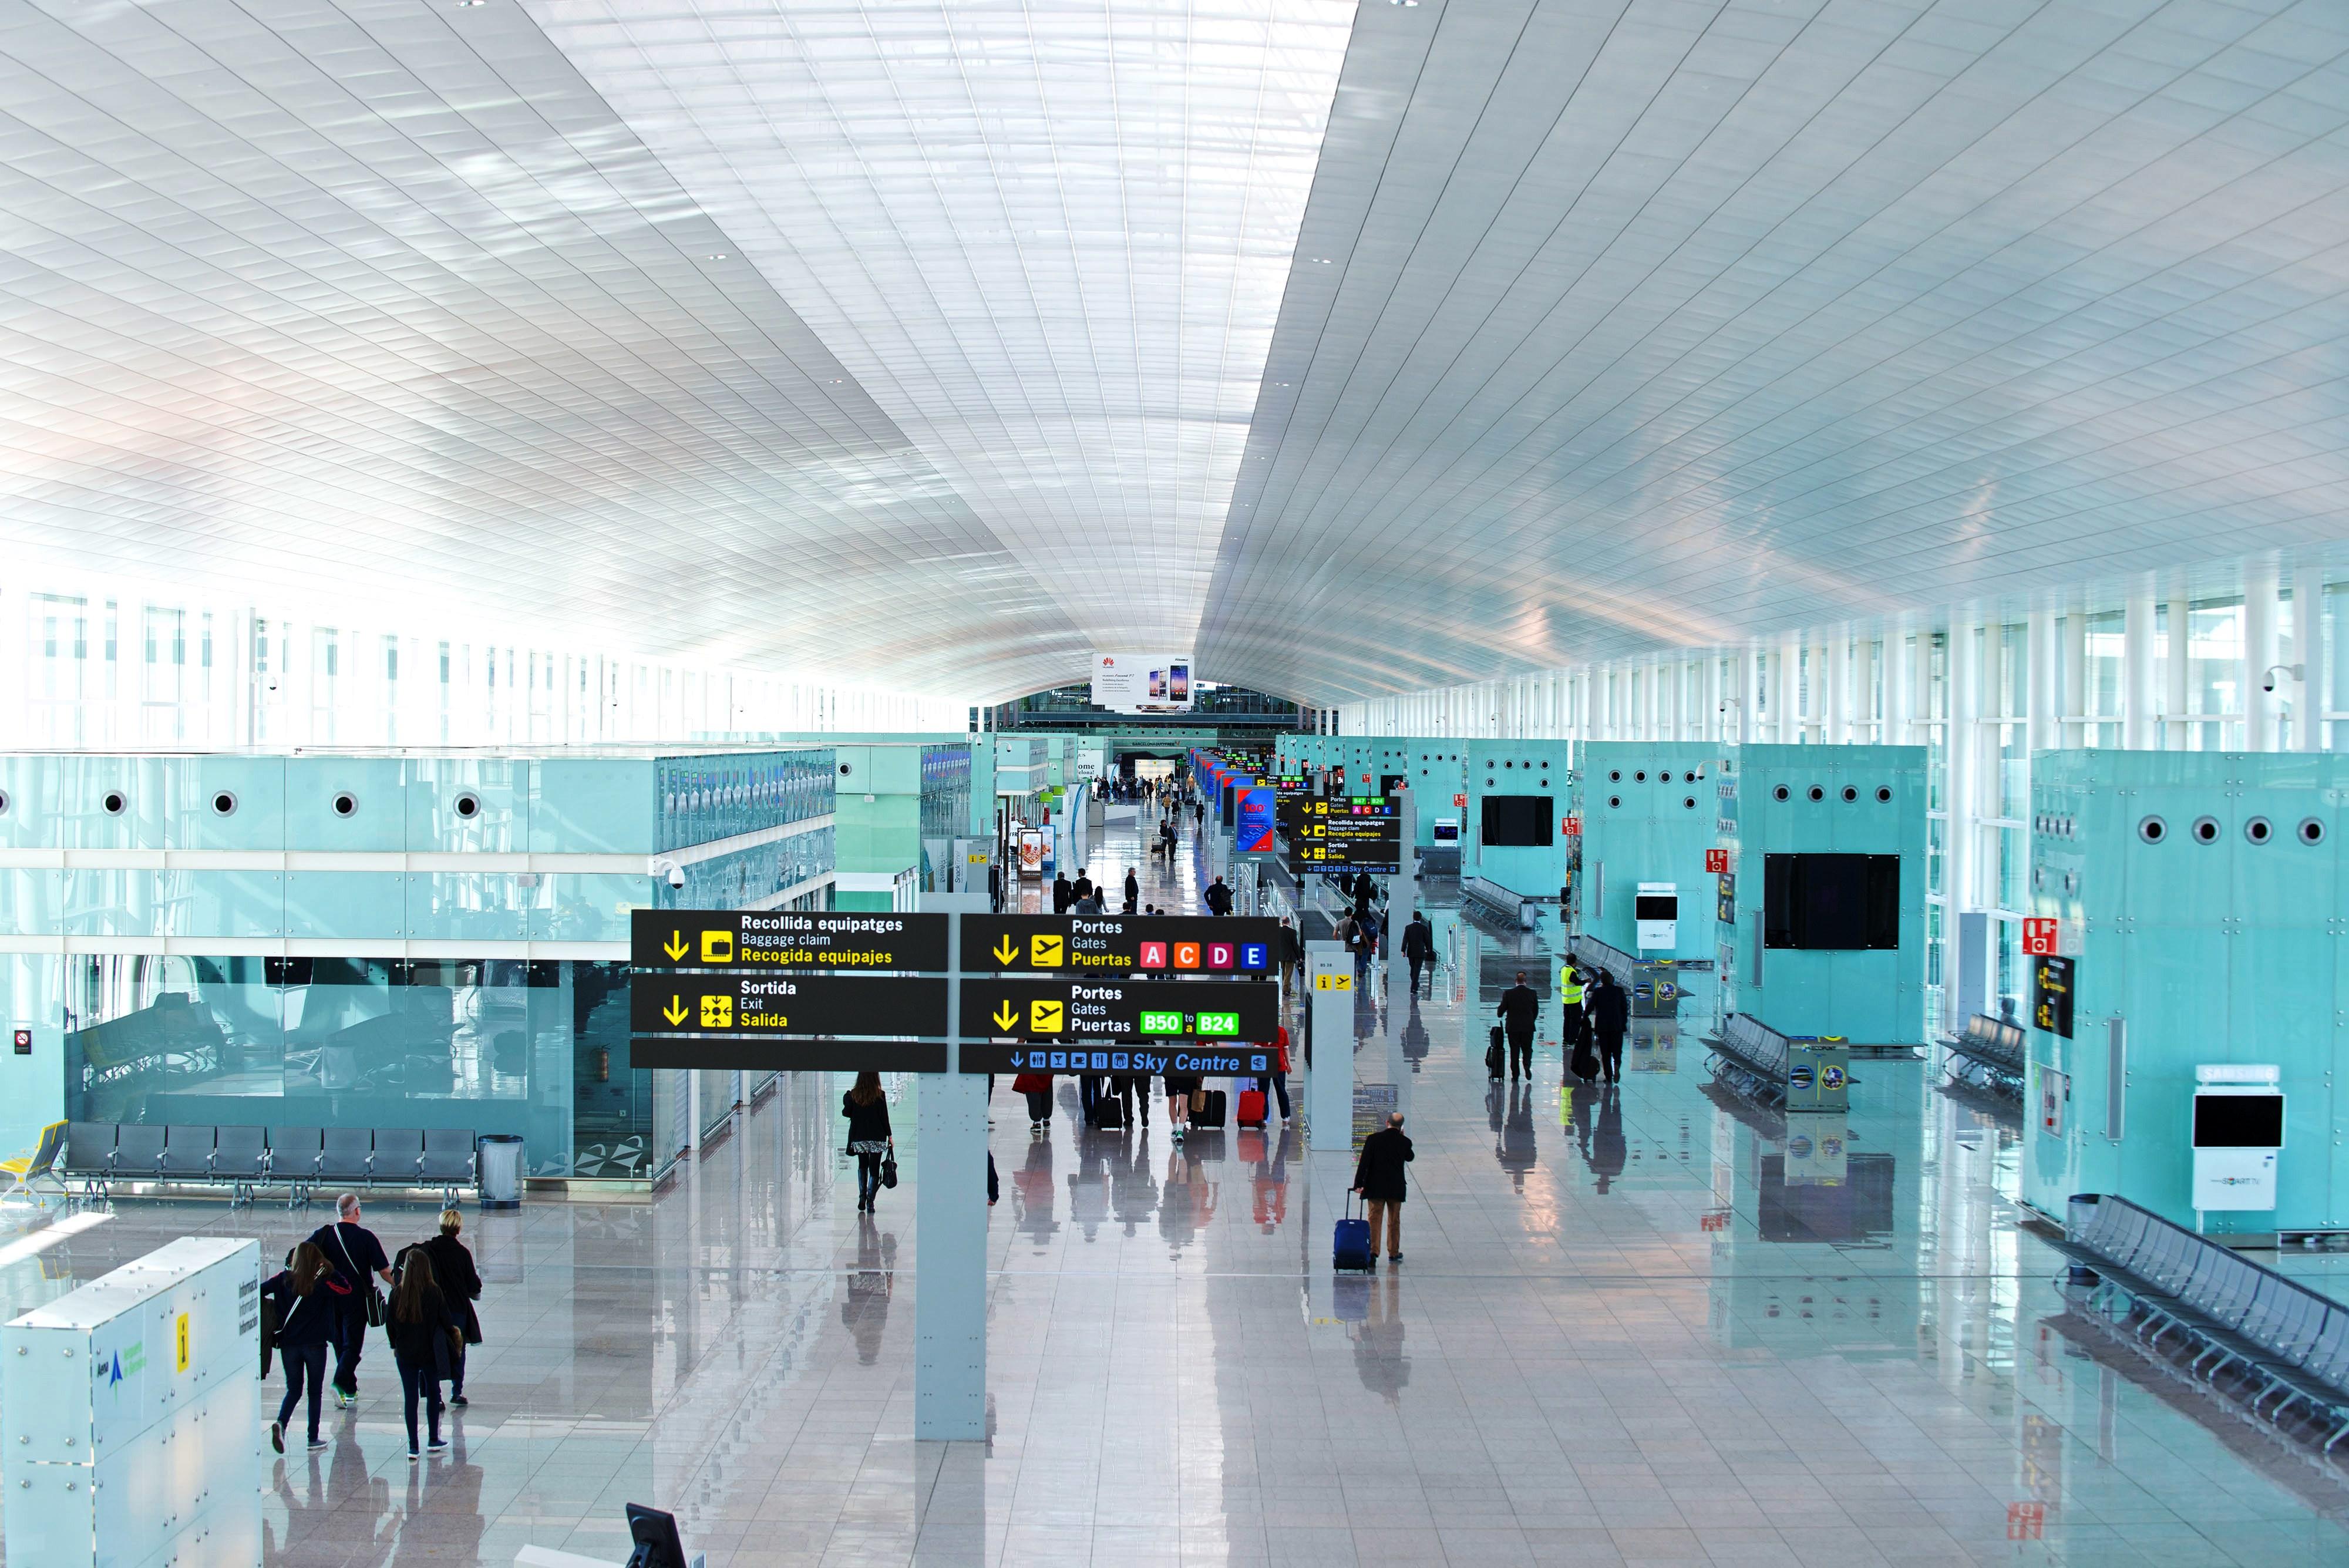 Возврат такс-фри в аэропорте Барселоны